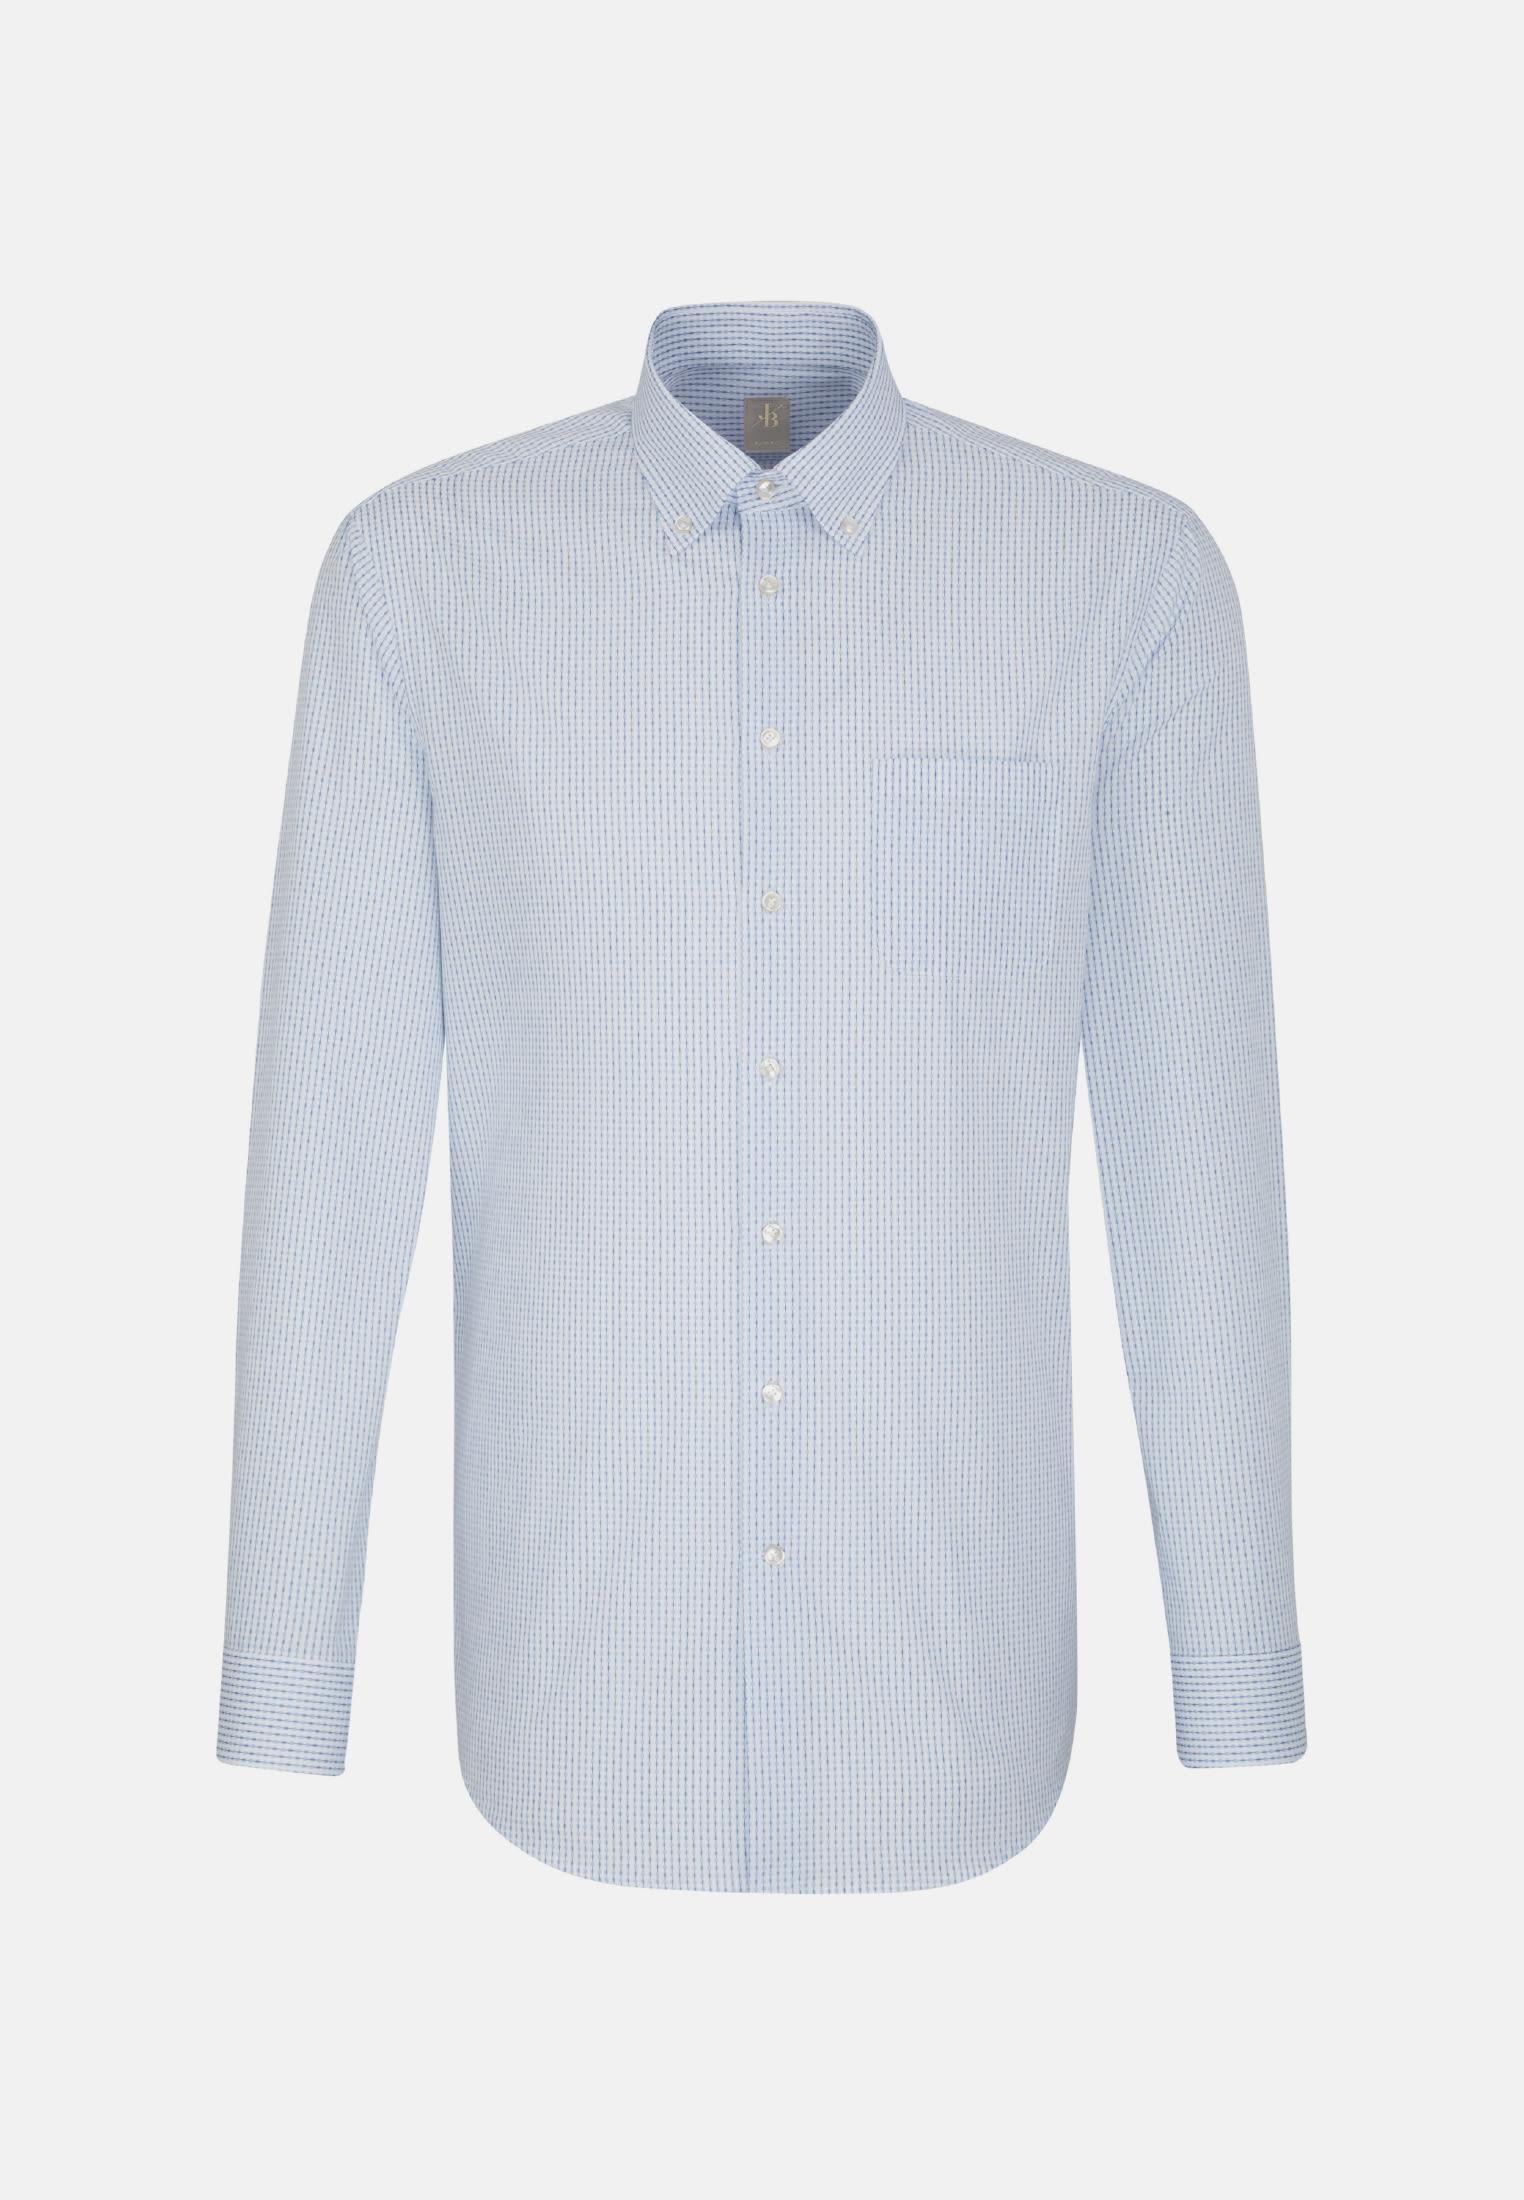 Popeline Business Hemd in Slim Fit mit Button-Down-Kragen in Hellblau    Jacques Britt Onlineshop